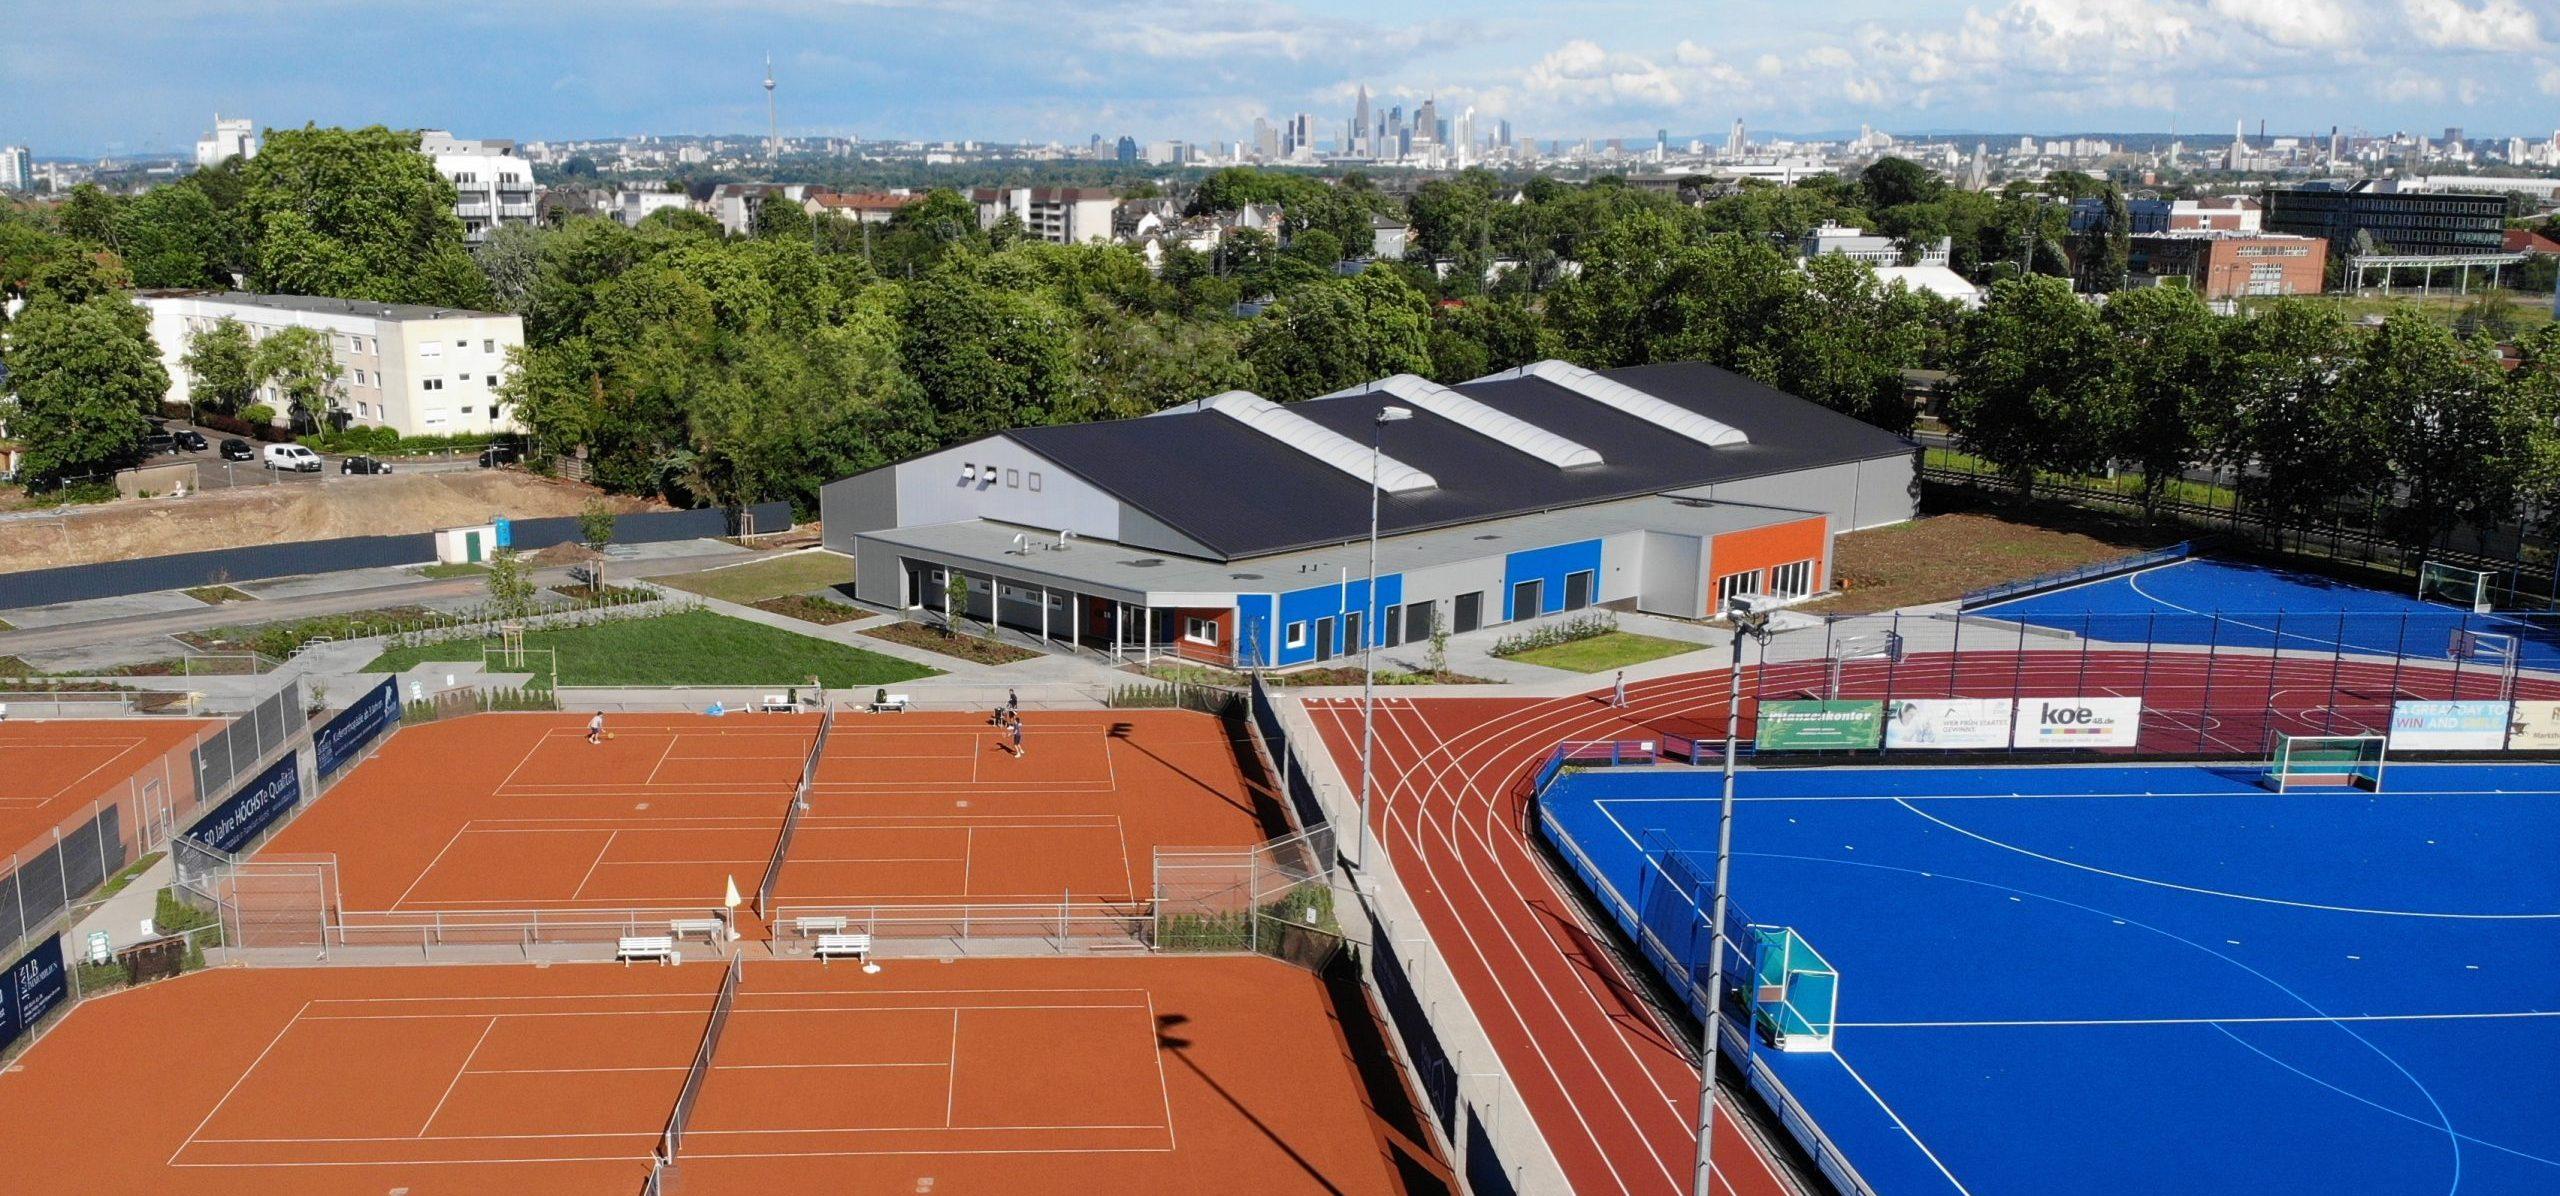 Tennis Hockey Höchst Kunstrasenplatz